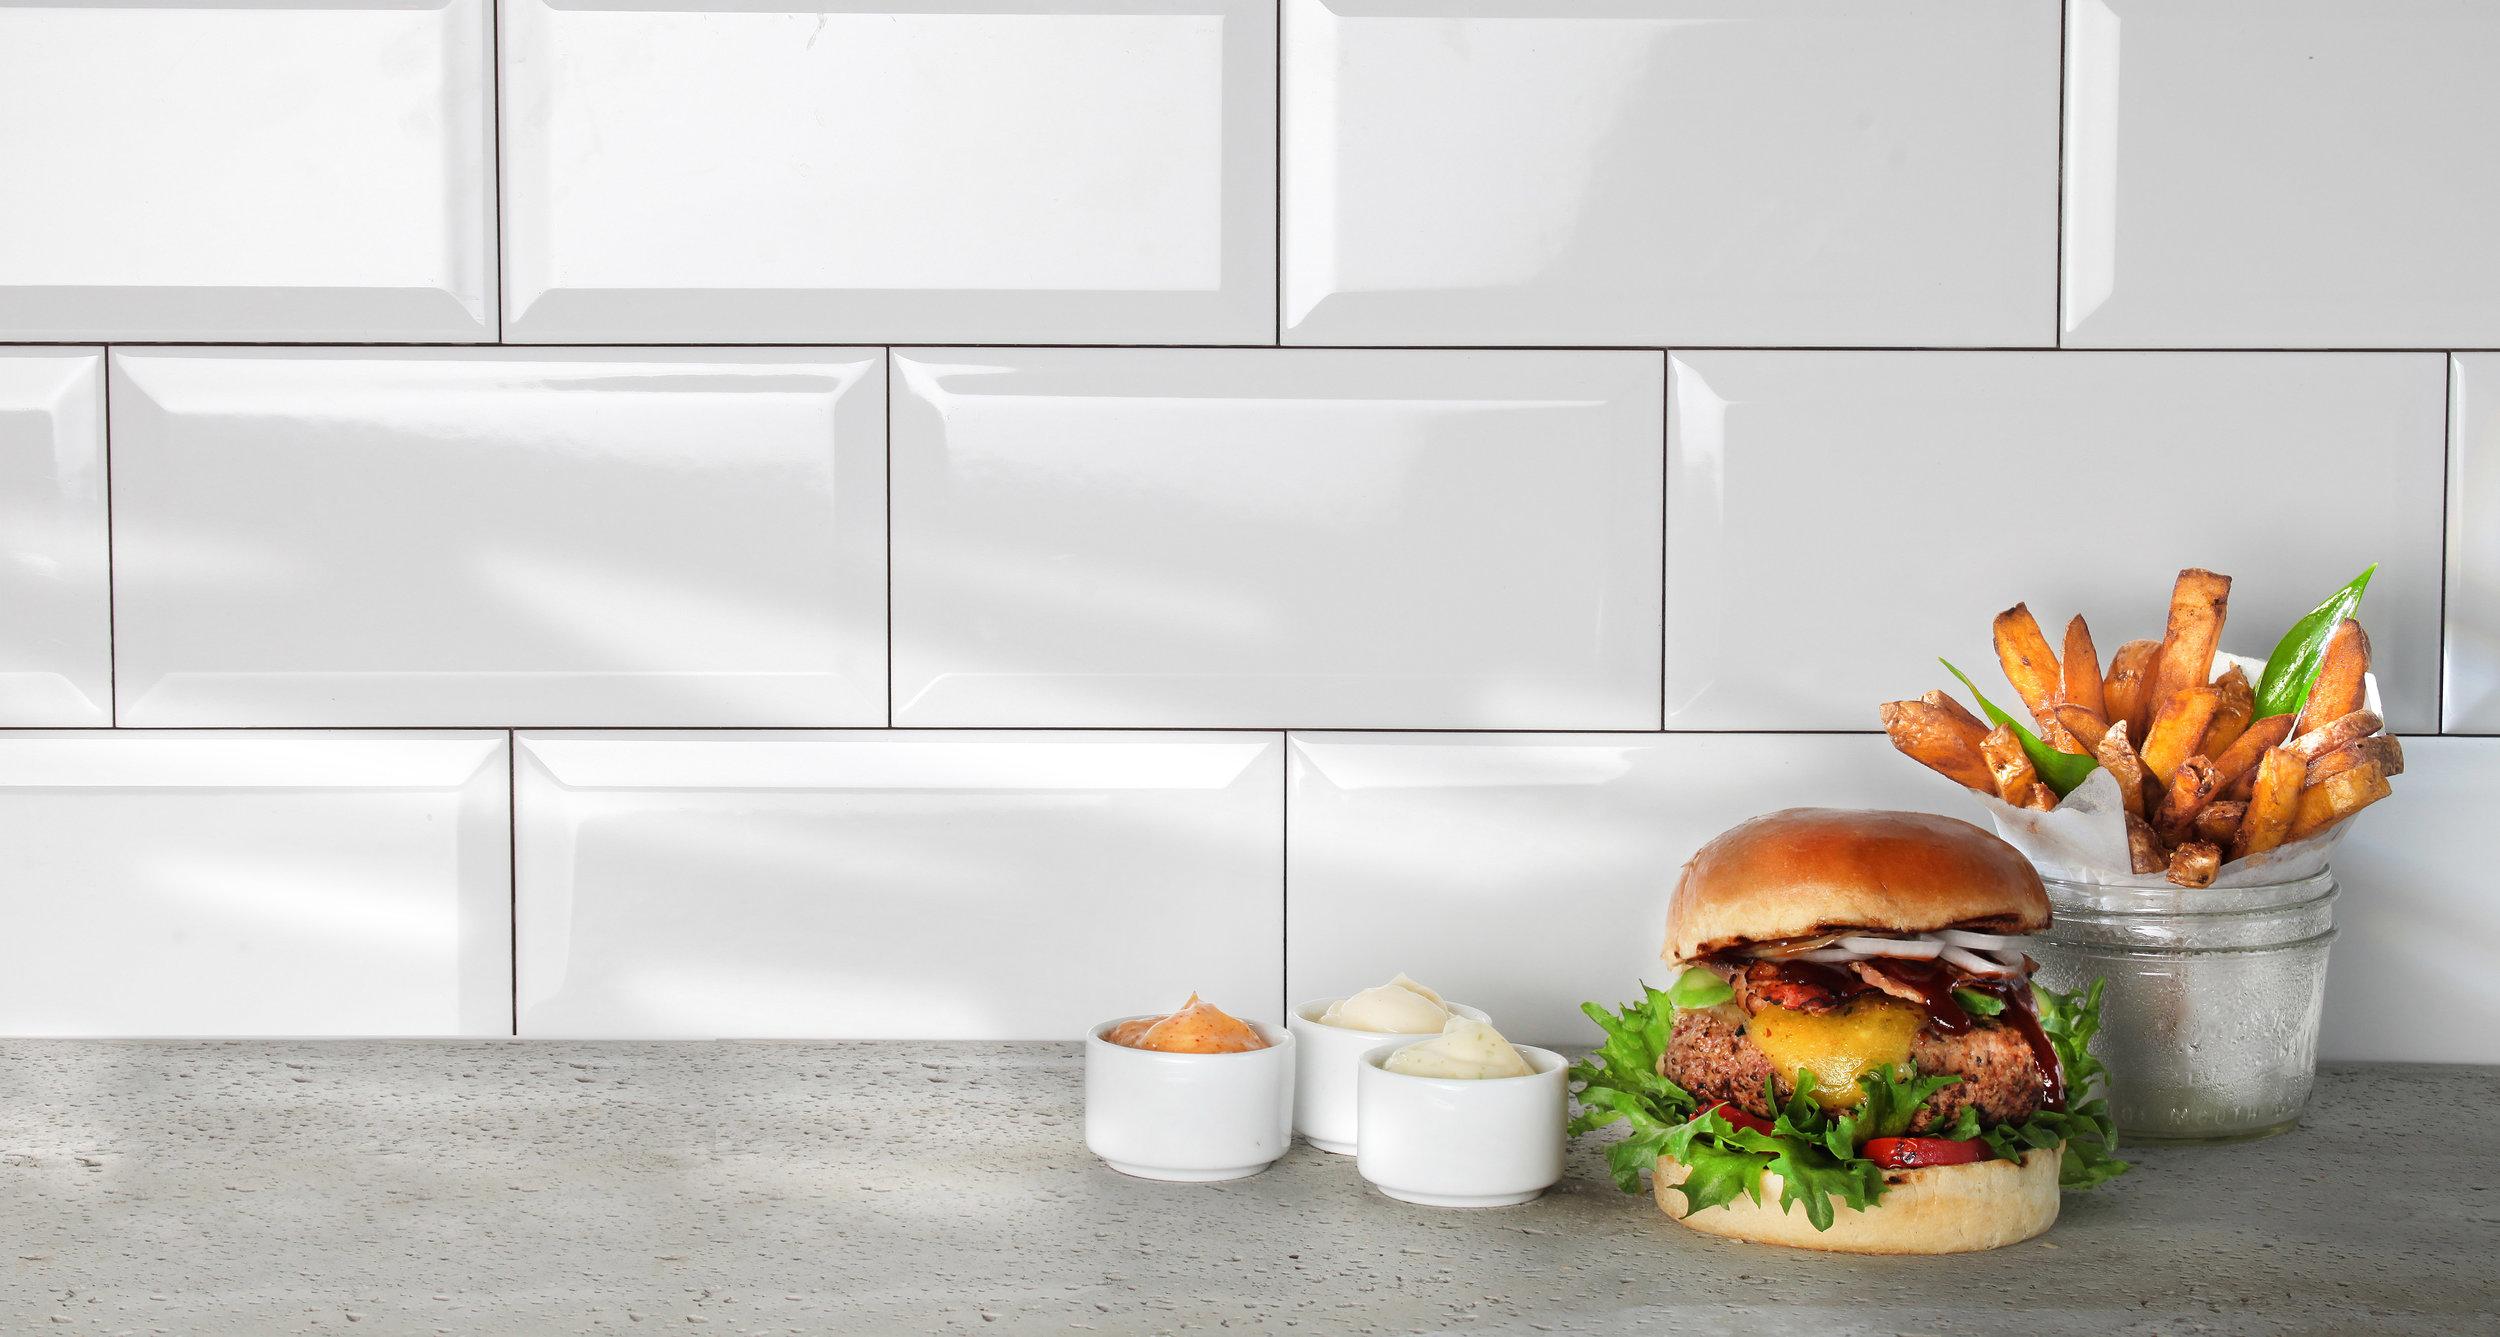 Burger menu nyx.jpg